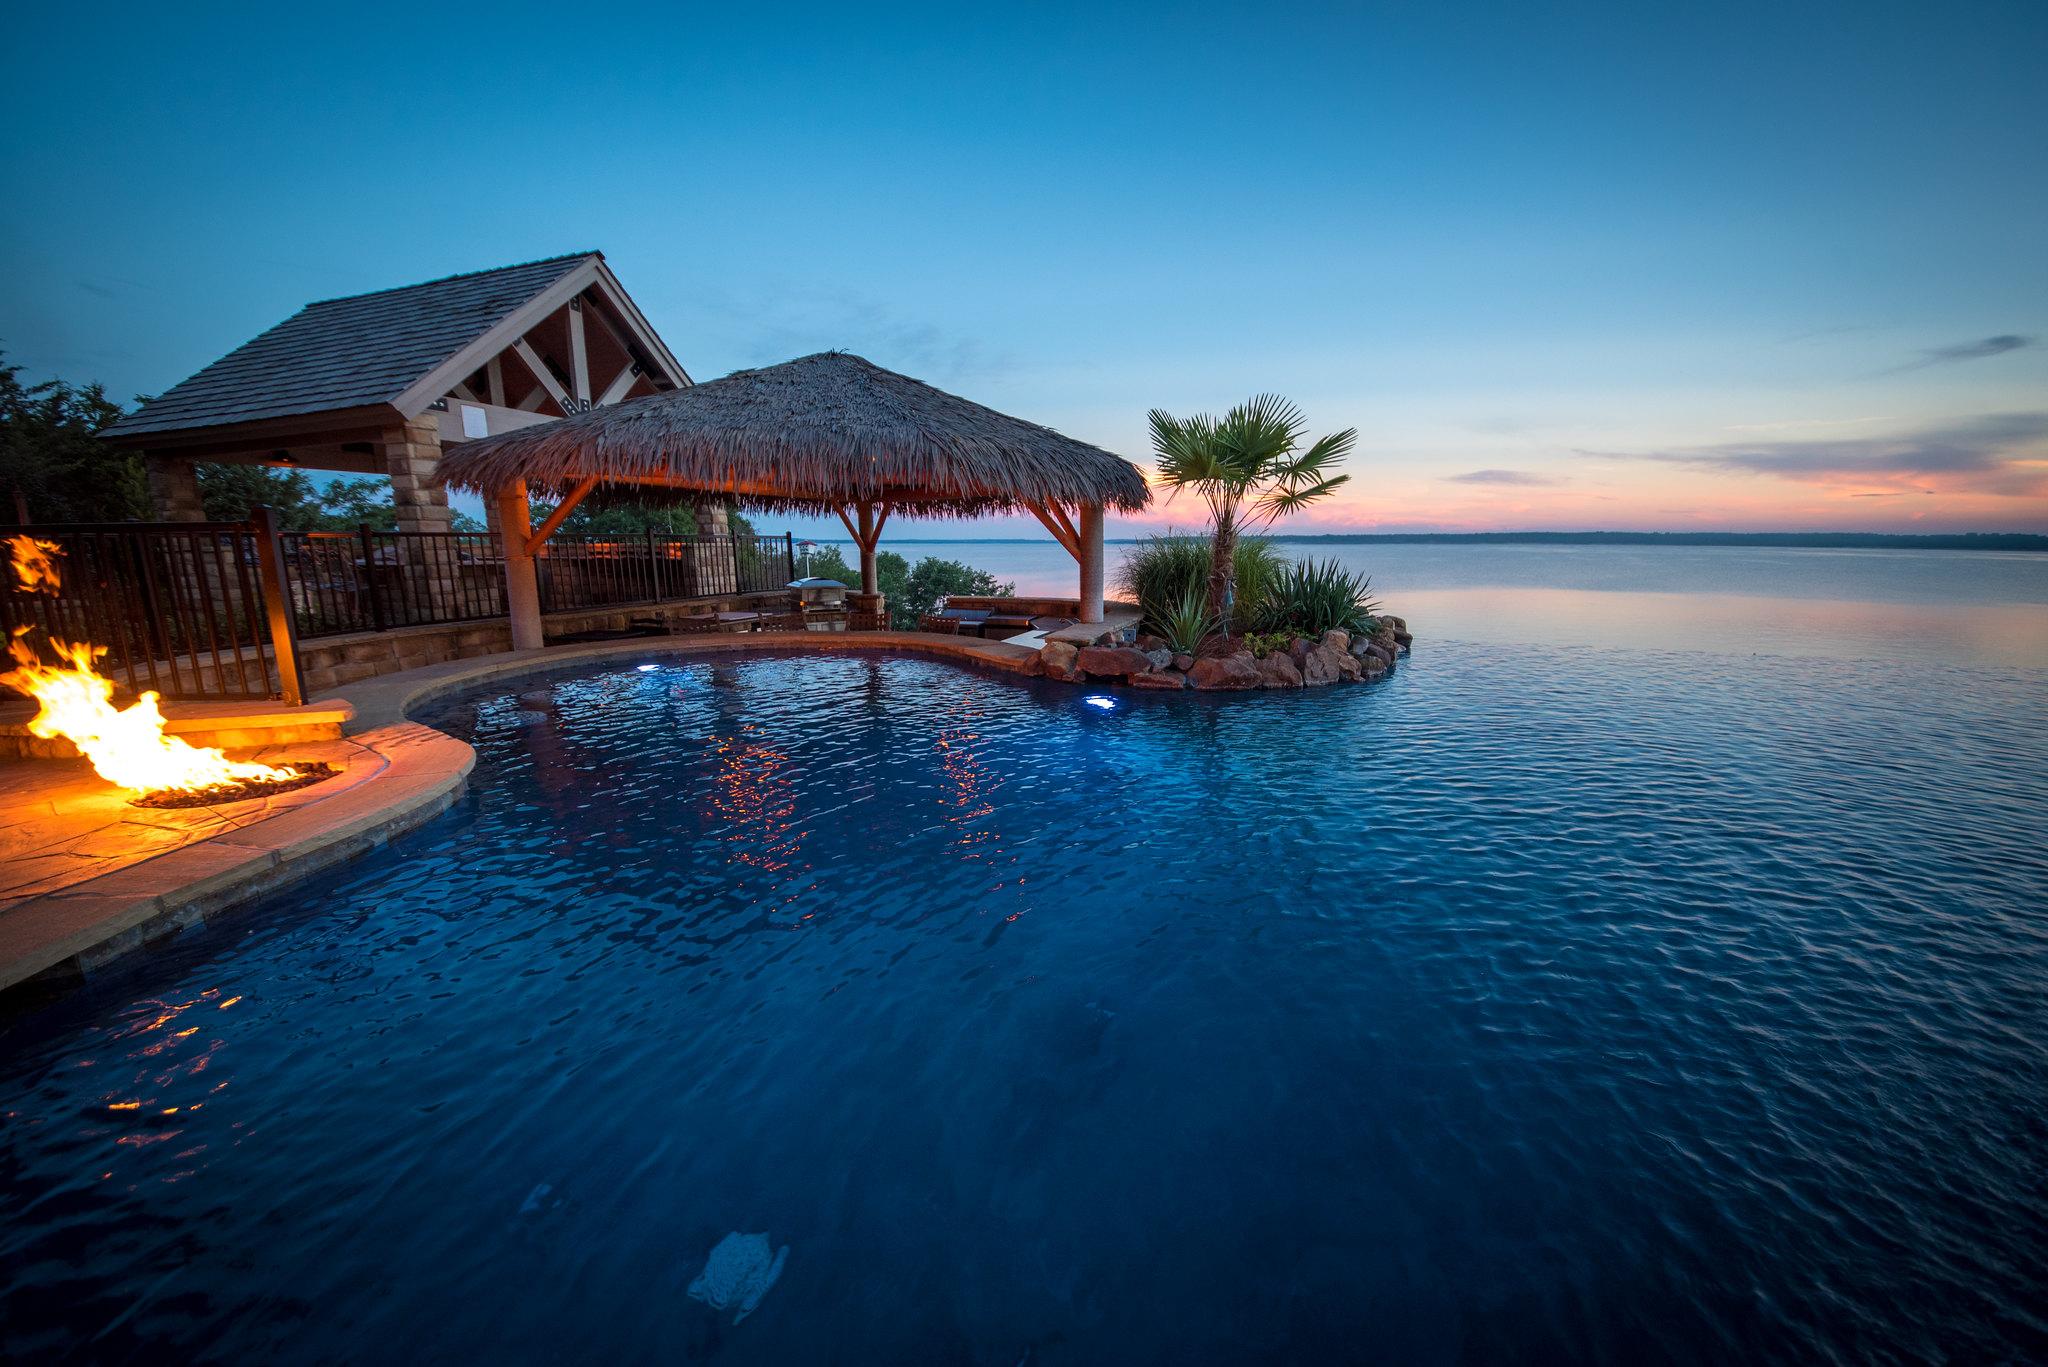 Palapa Bar – Allison Landscpe & Pool Company